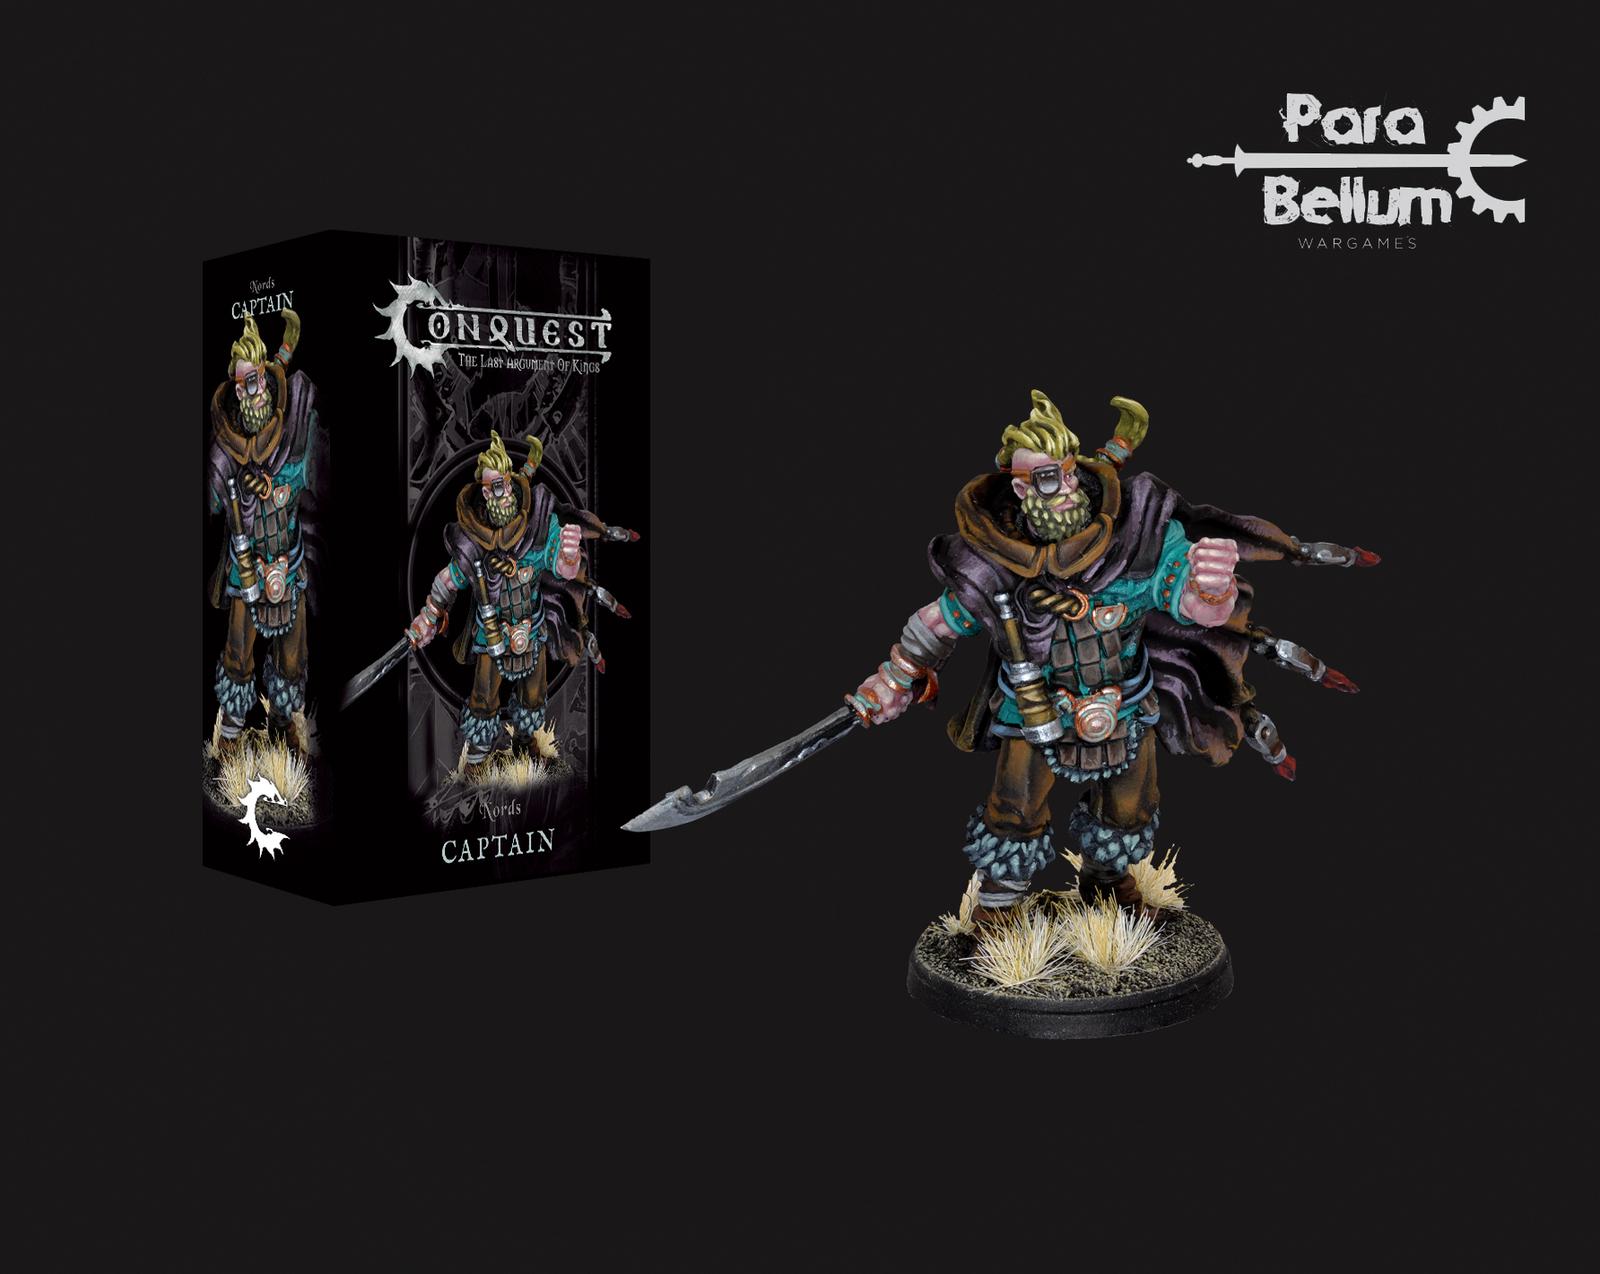 Conquest, Nords - Captain (PBW7414)